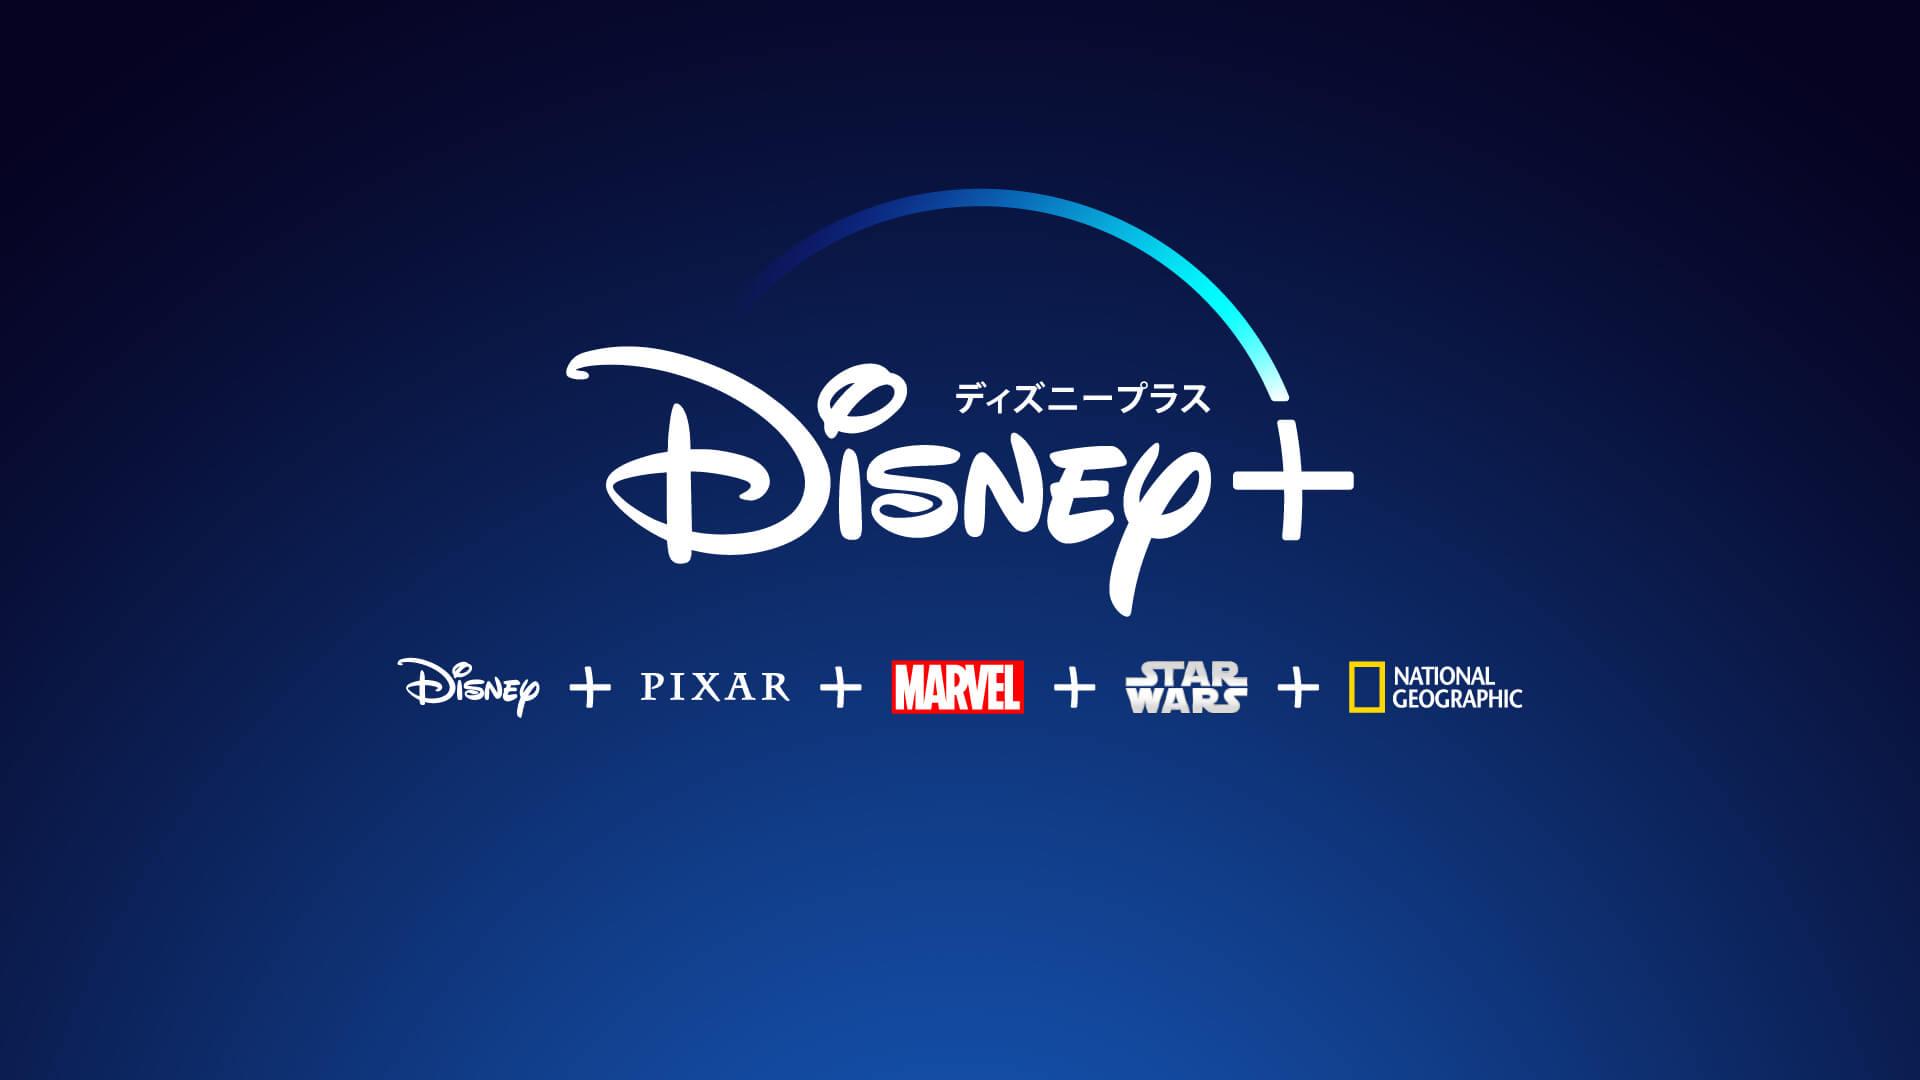 ディズニーの動画配信サービスDisney+、ついに日本に上陸!6月11日にサービススタート film200528_disneyplus_2